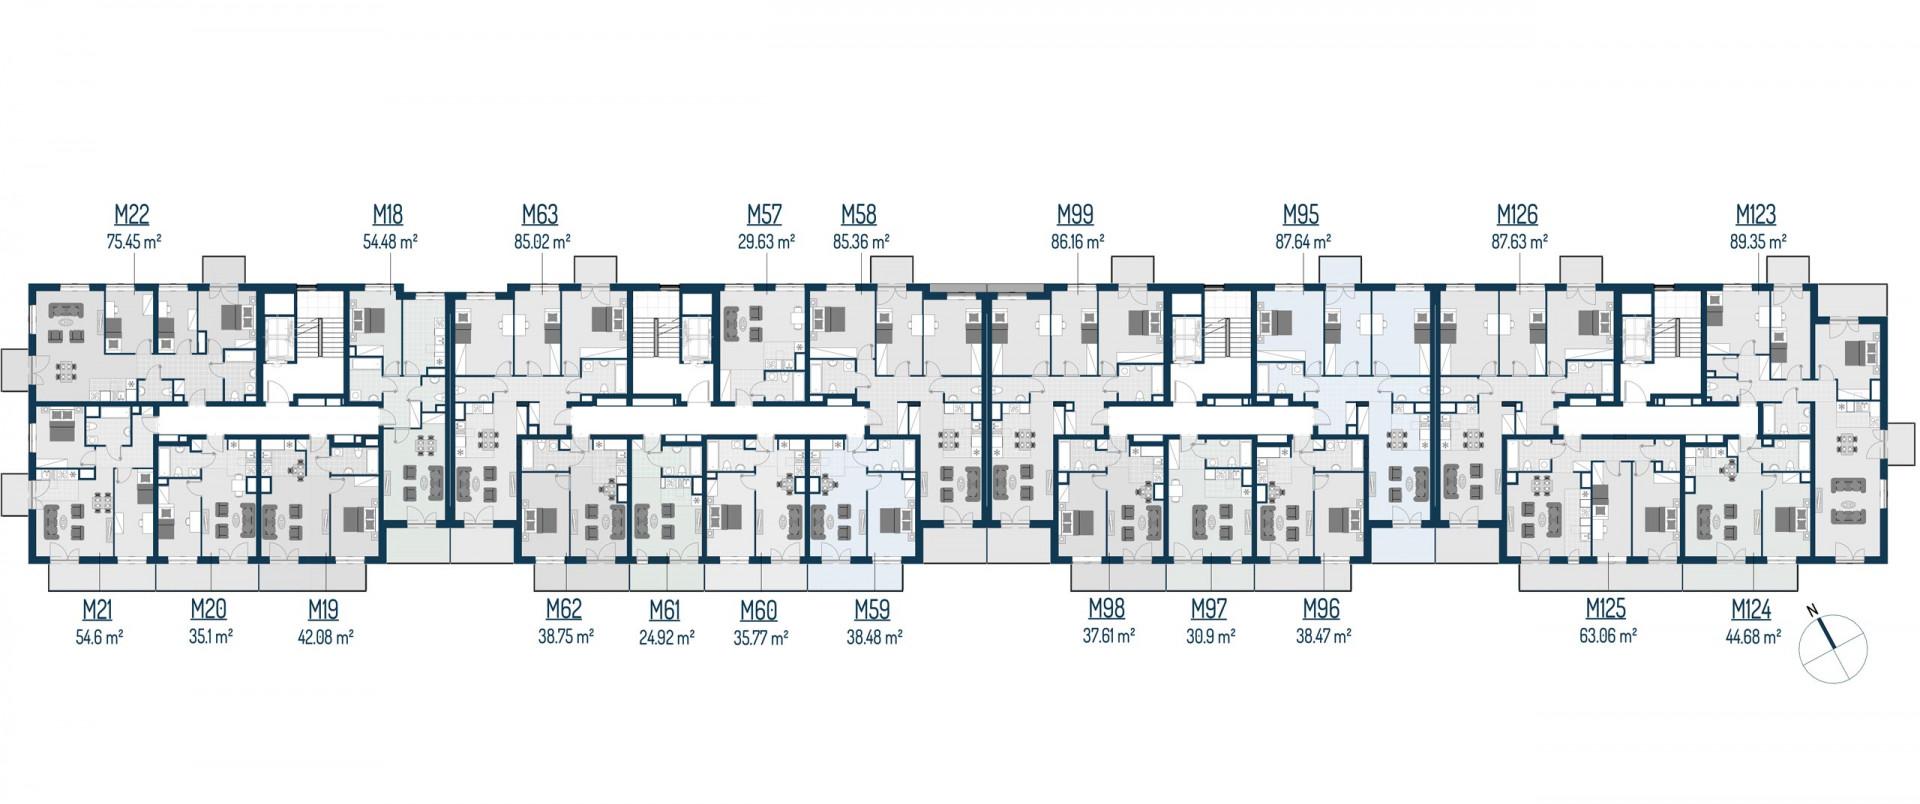 Zdrowe Stylove / budynek 2 / mieszkanie nr 21 rzut 2